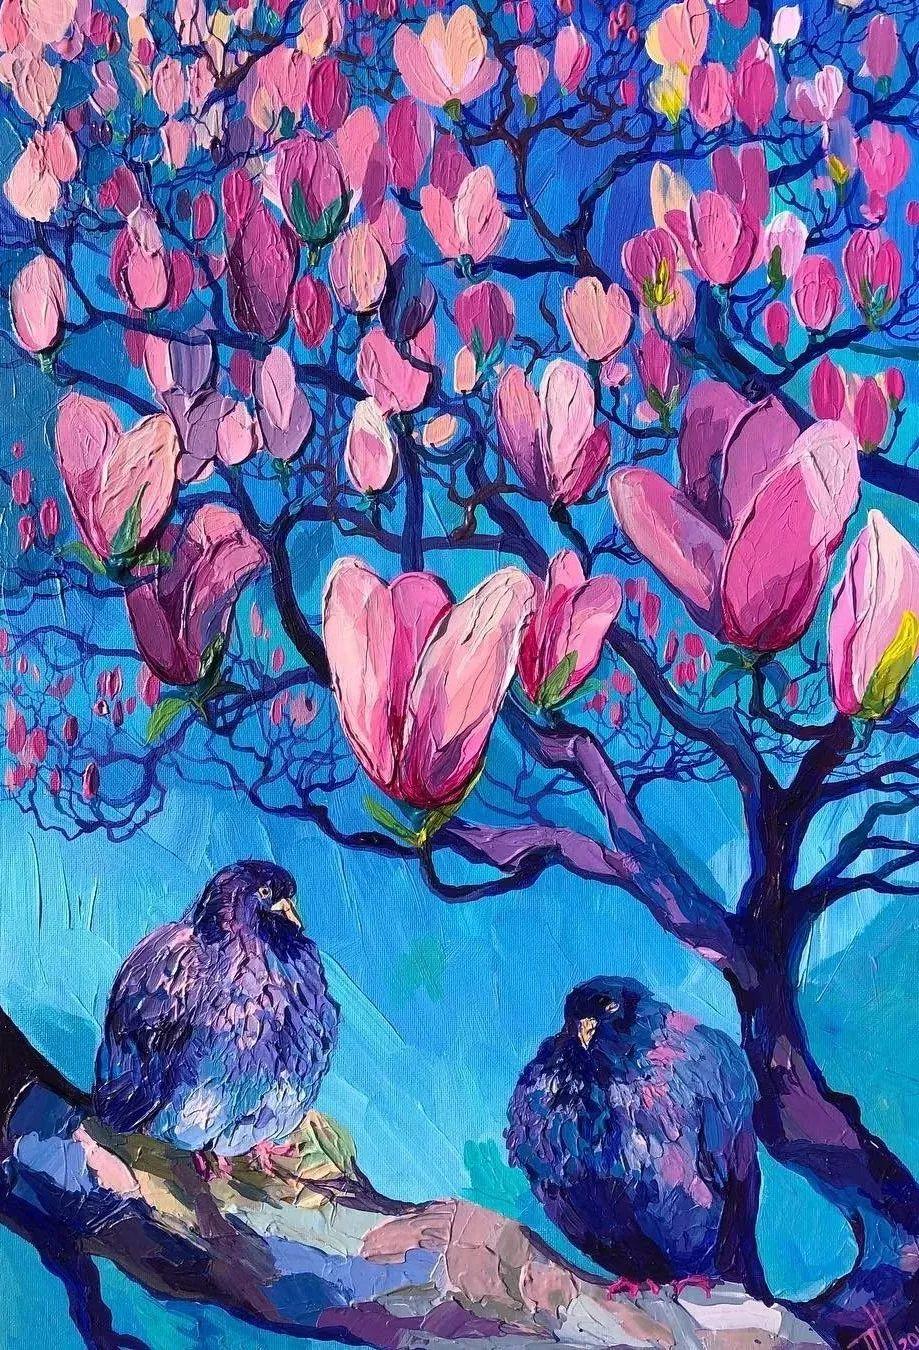 厚重的浪漫色彩,蕴藏着一种令人激越的魅力,美到让人移不开眼!插图91